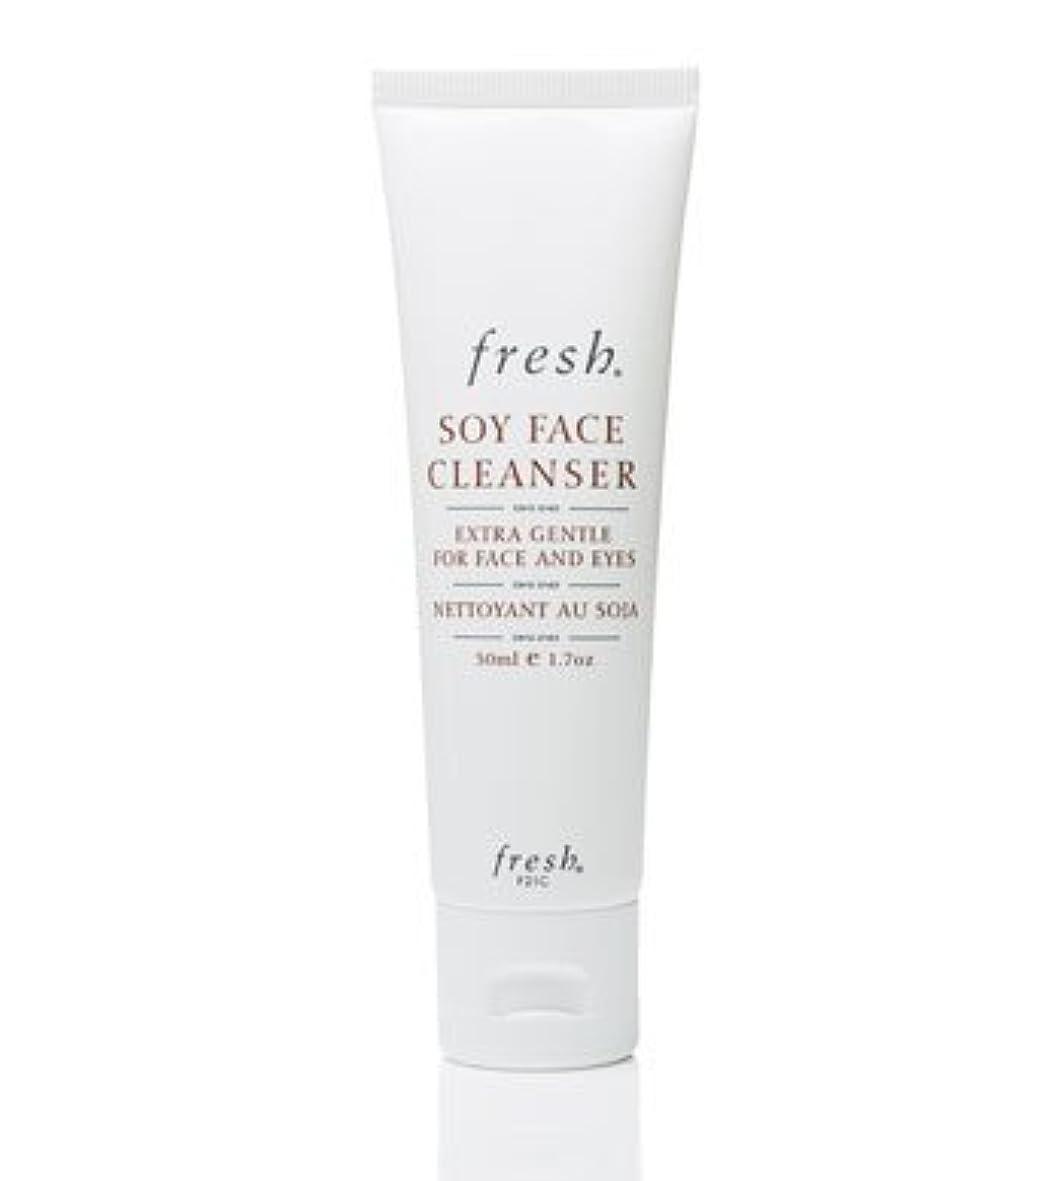 伝統的サイドボード協定Fresh SOY FACE CLEANSER (フレッシュ ソイ フェイスクレンザー) 1.7 oz (50ml) by Fresh for Women